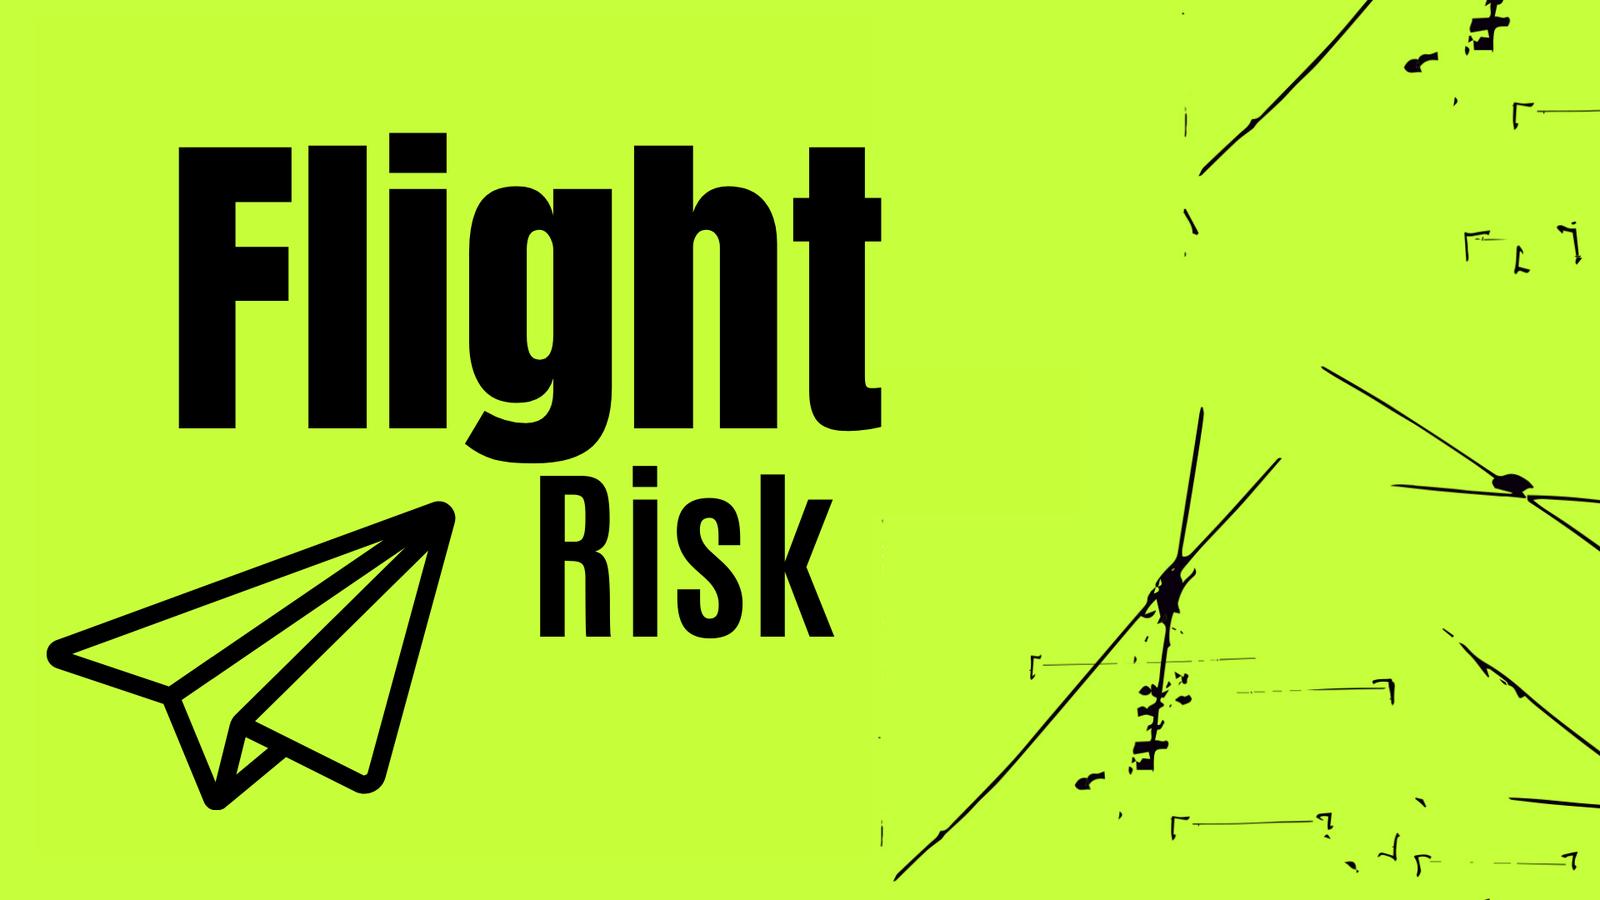 Fight Risk Game Slide (PNG)